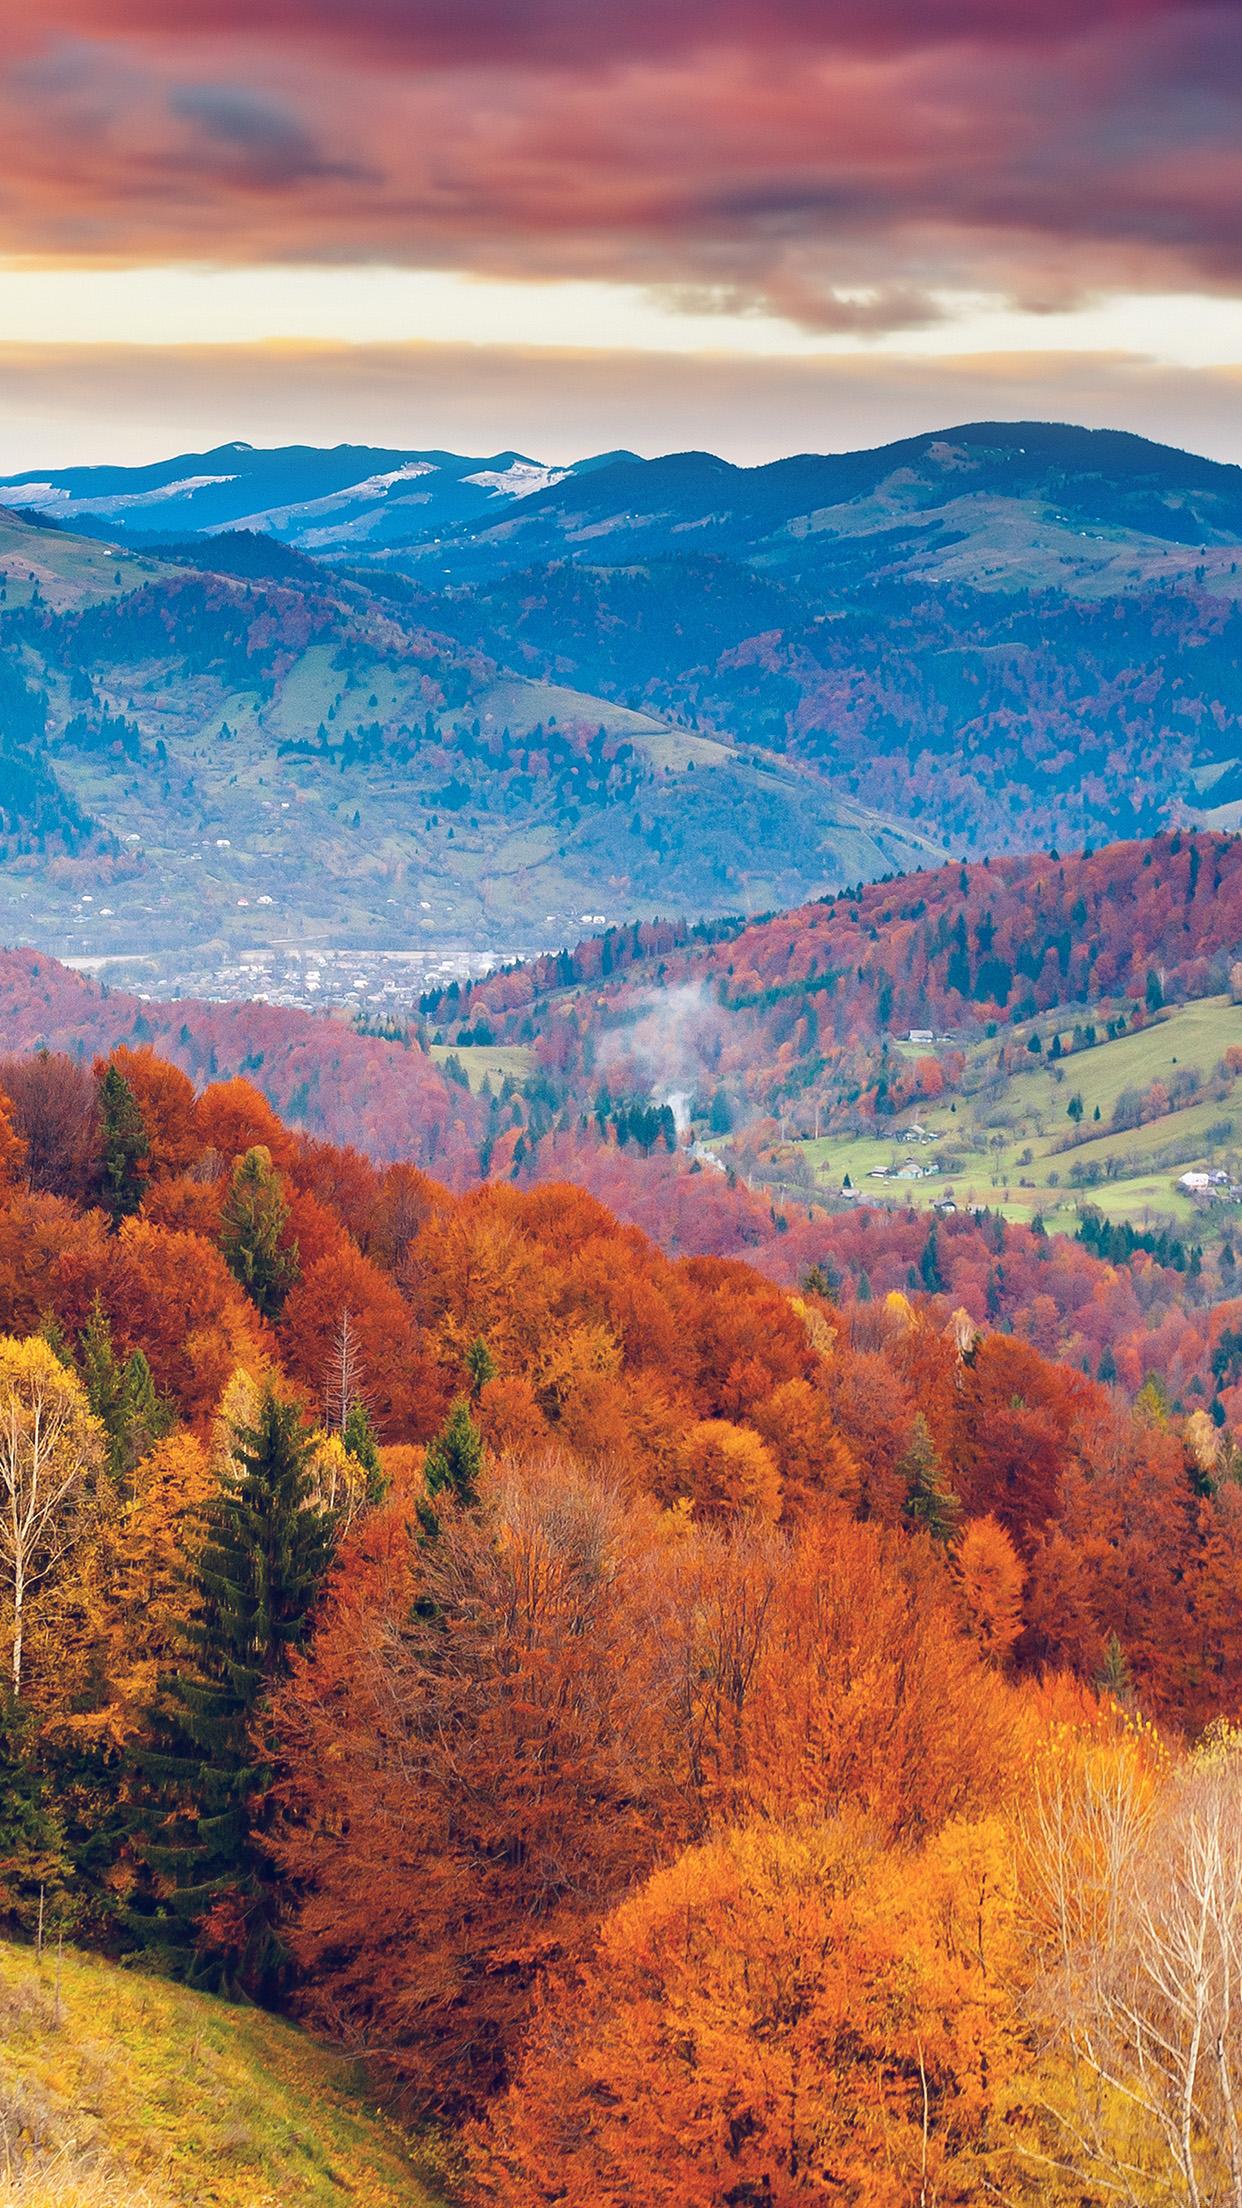 IPhone Wallpaper Mr50 Fall Mountain Fun Red